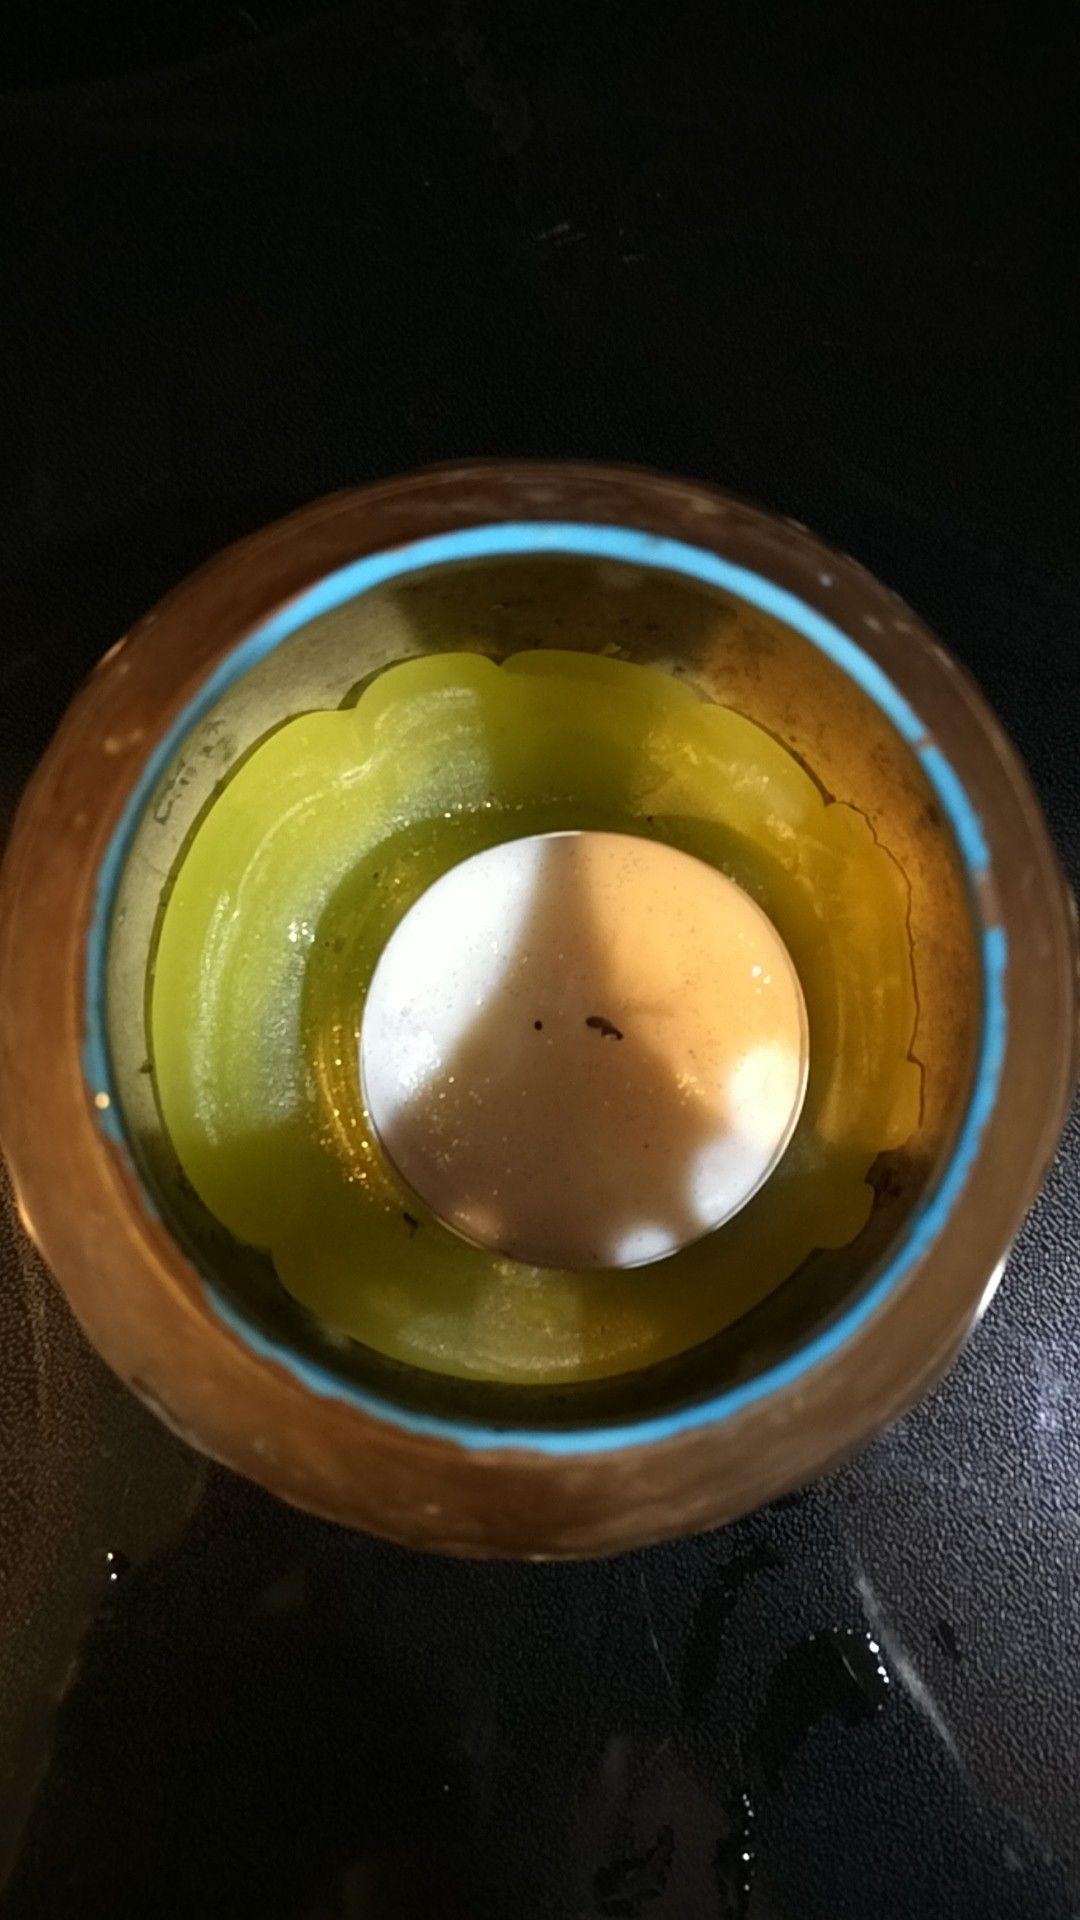 Votive/ candle holder